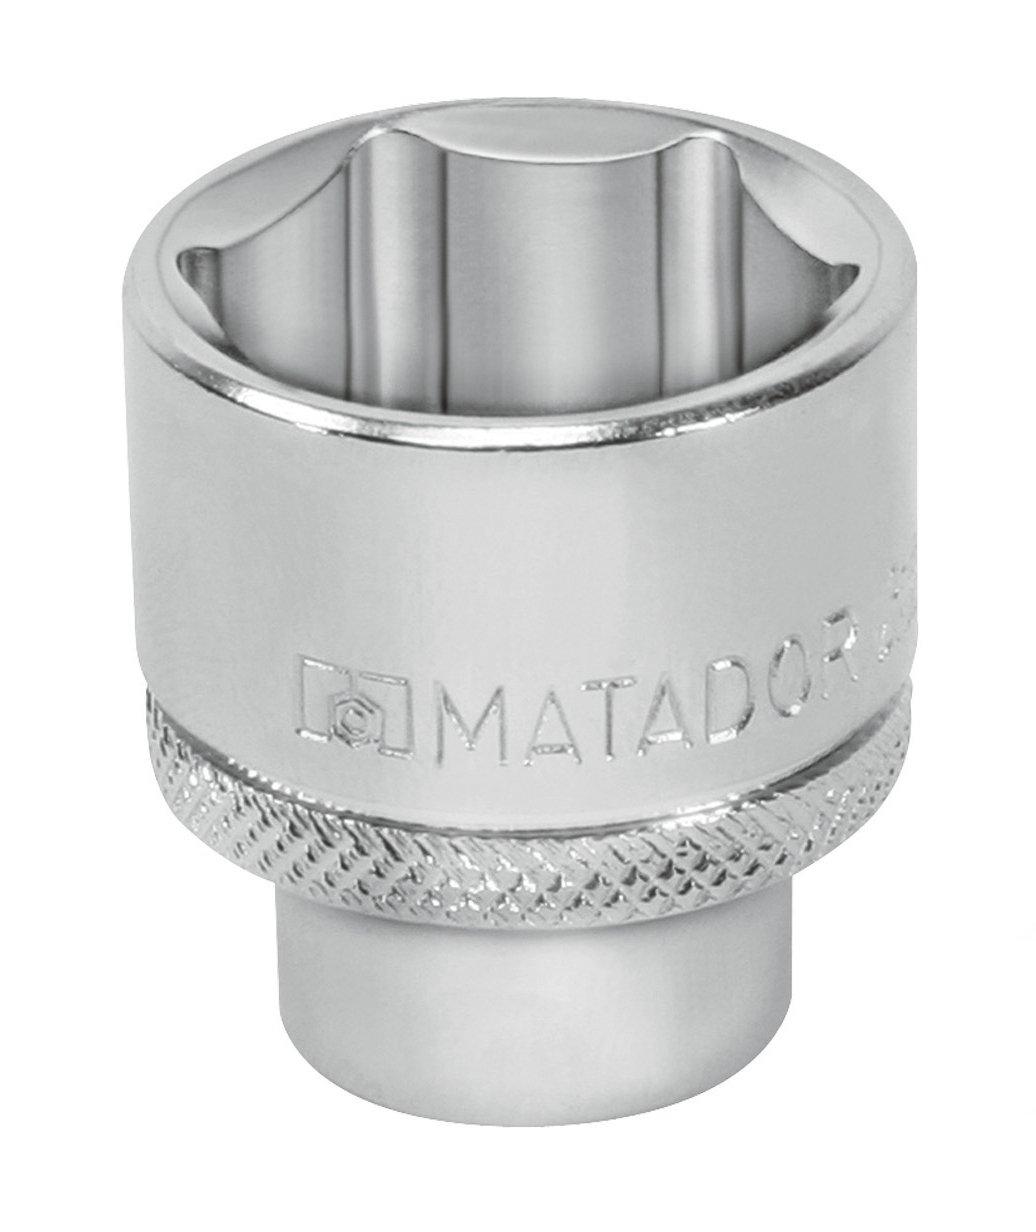 MATADOR 4075 0290 Steckschlü ssel-Einsatz, 6-kt, 12,5 (1/2) 29 mm